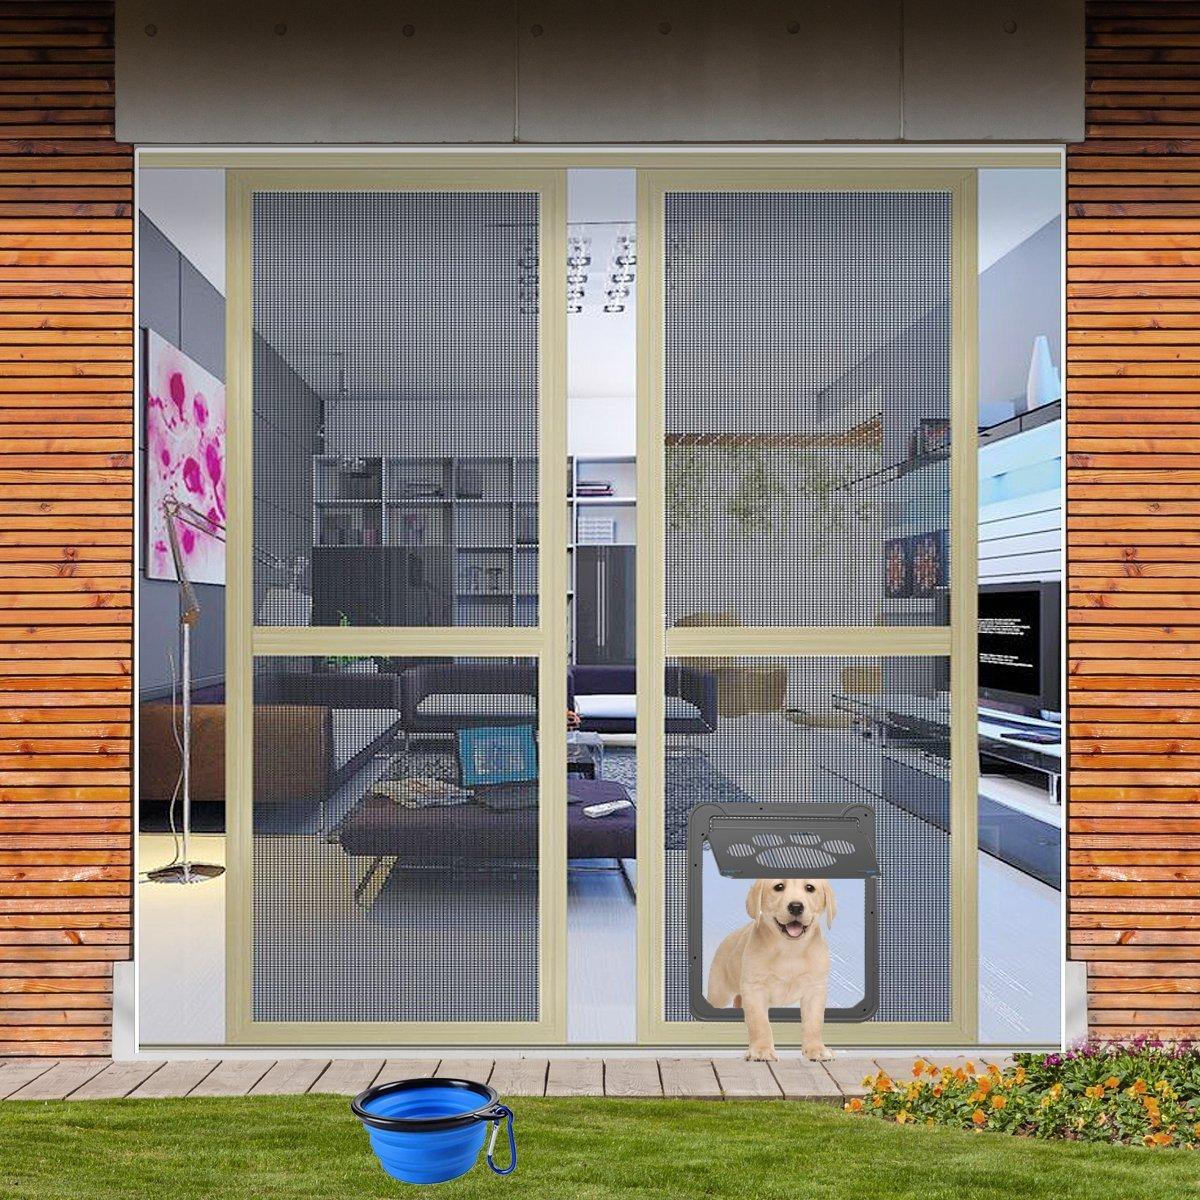 CATOOP Protector de puerta para puerta corredera de perro, gato, cerradura automática/con cerradura, large 12